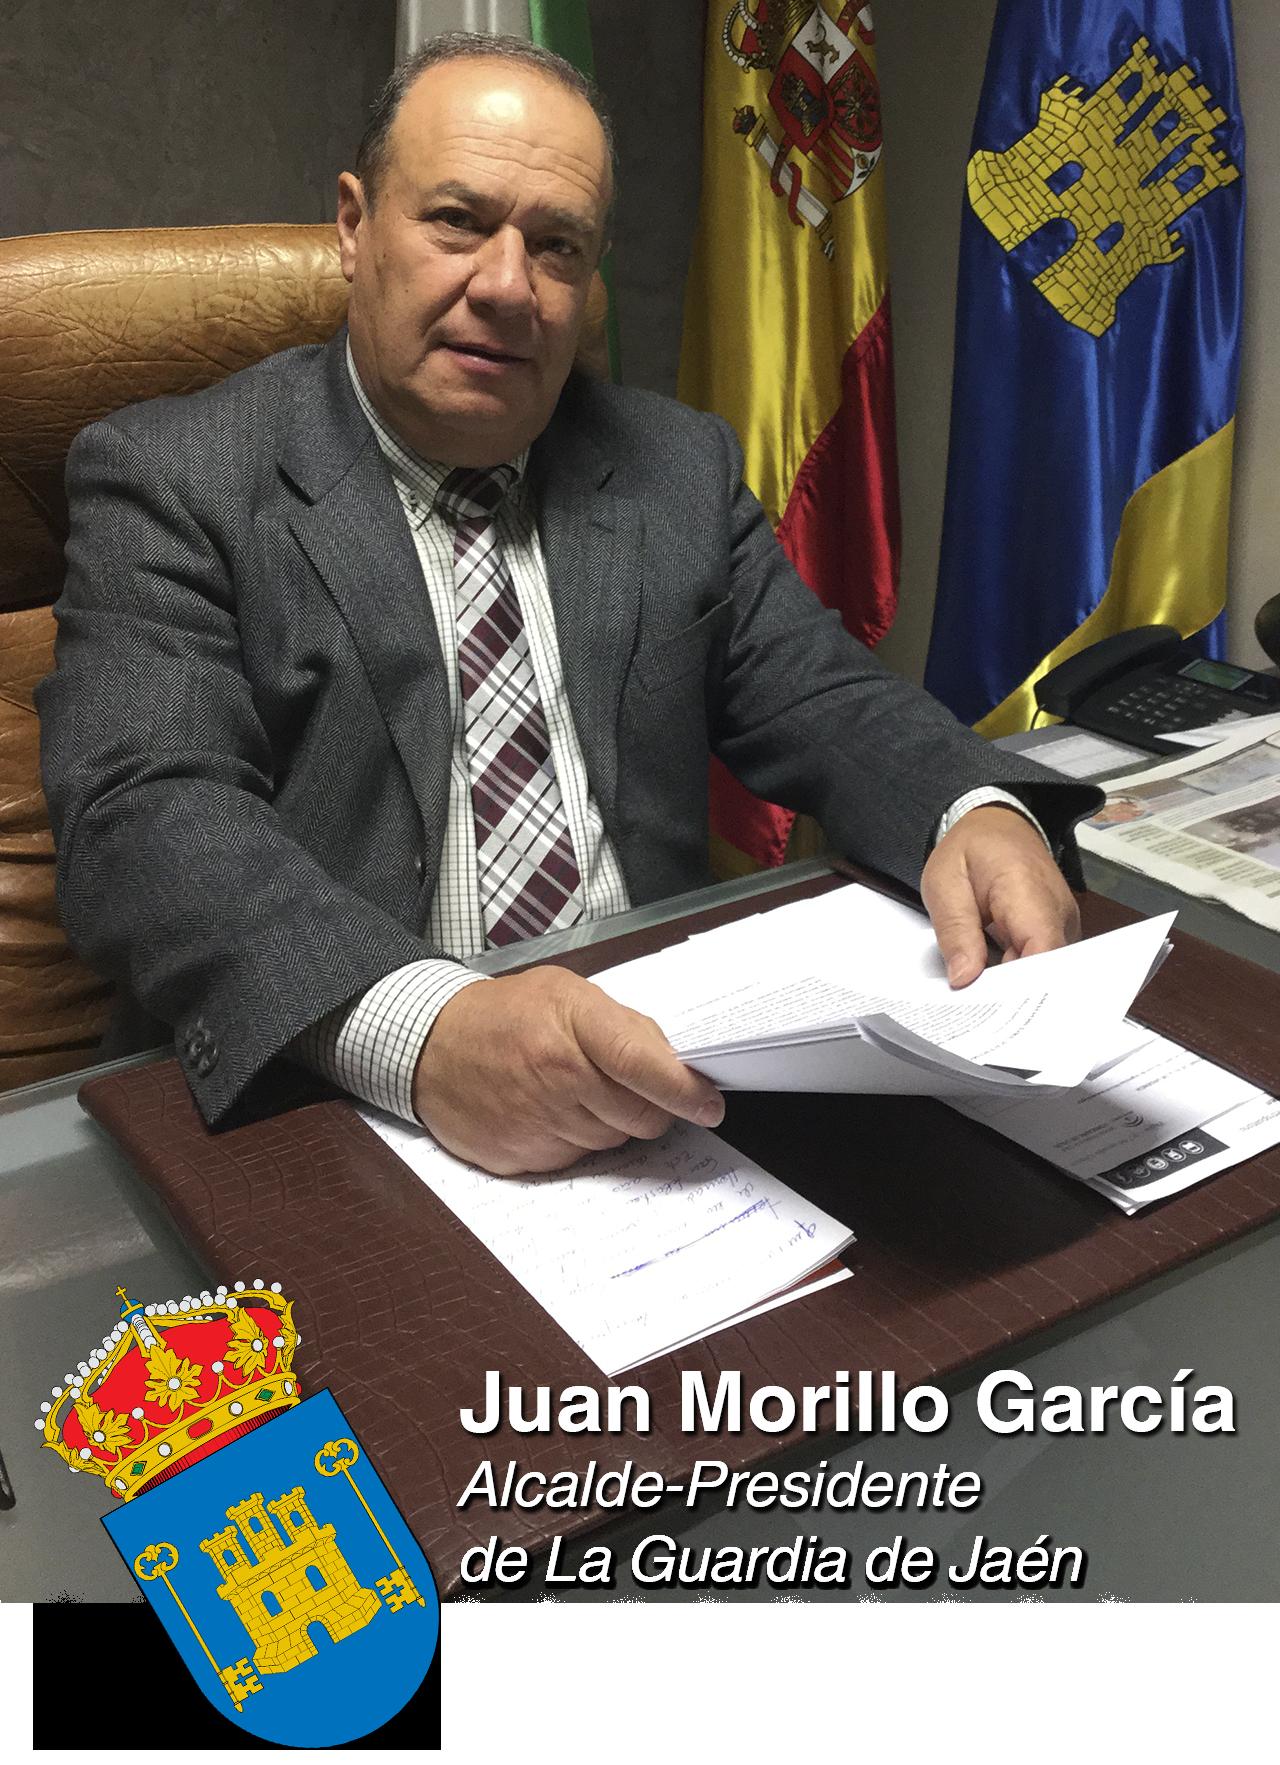 Juan Morillo García